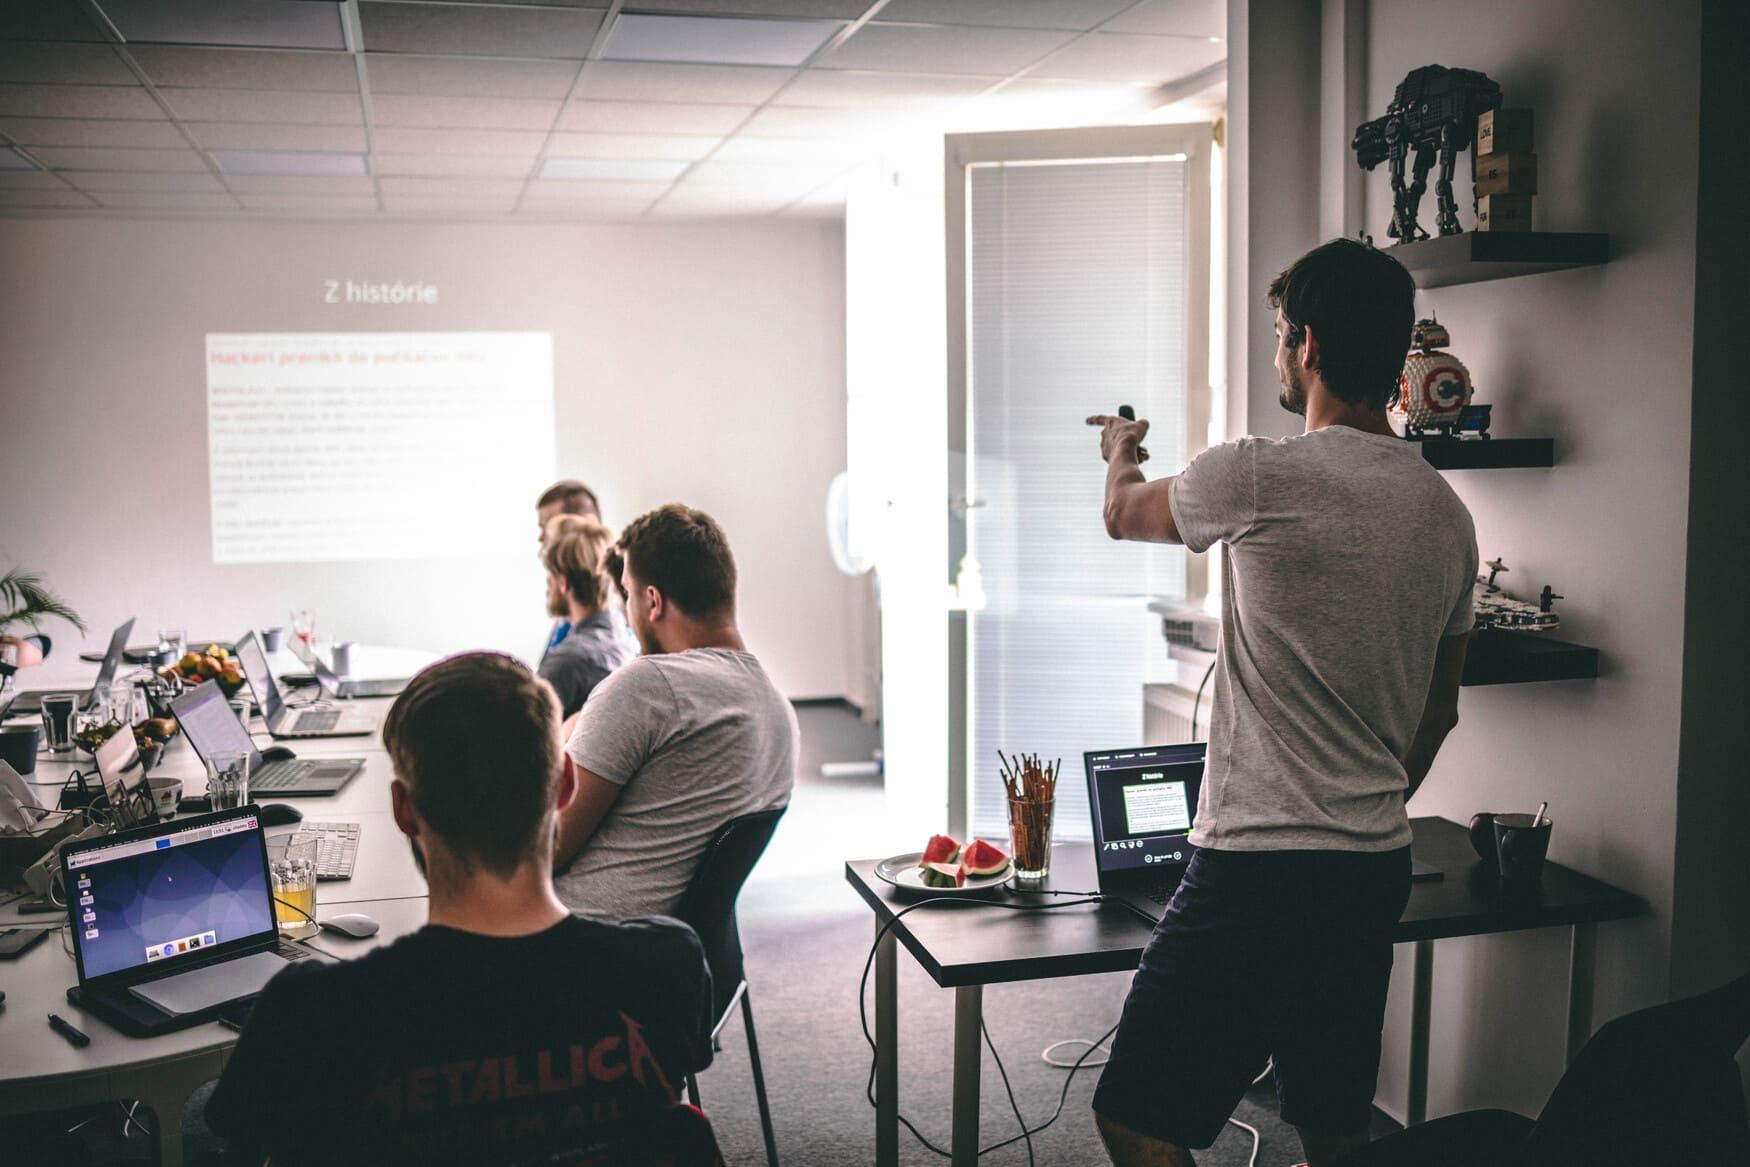 Bezpečnostné školenie OWASP TOP 10: Oplatí sa doňho investovať? Pozri sa na našu skúsenosť!